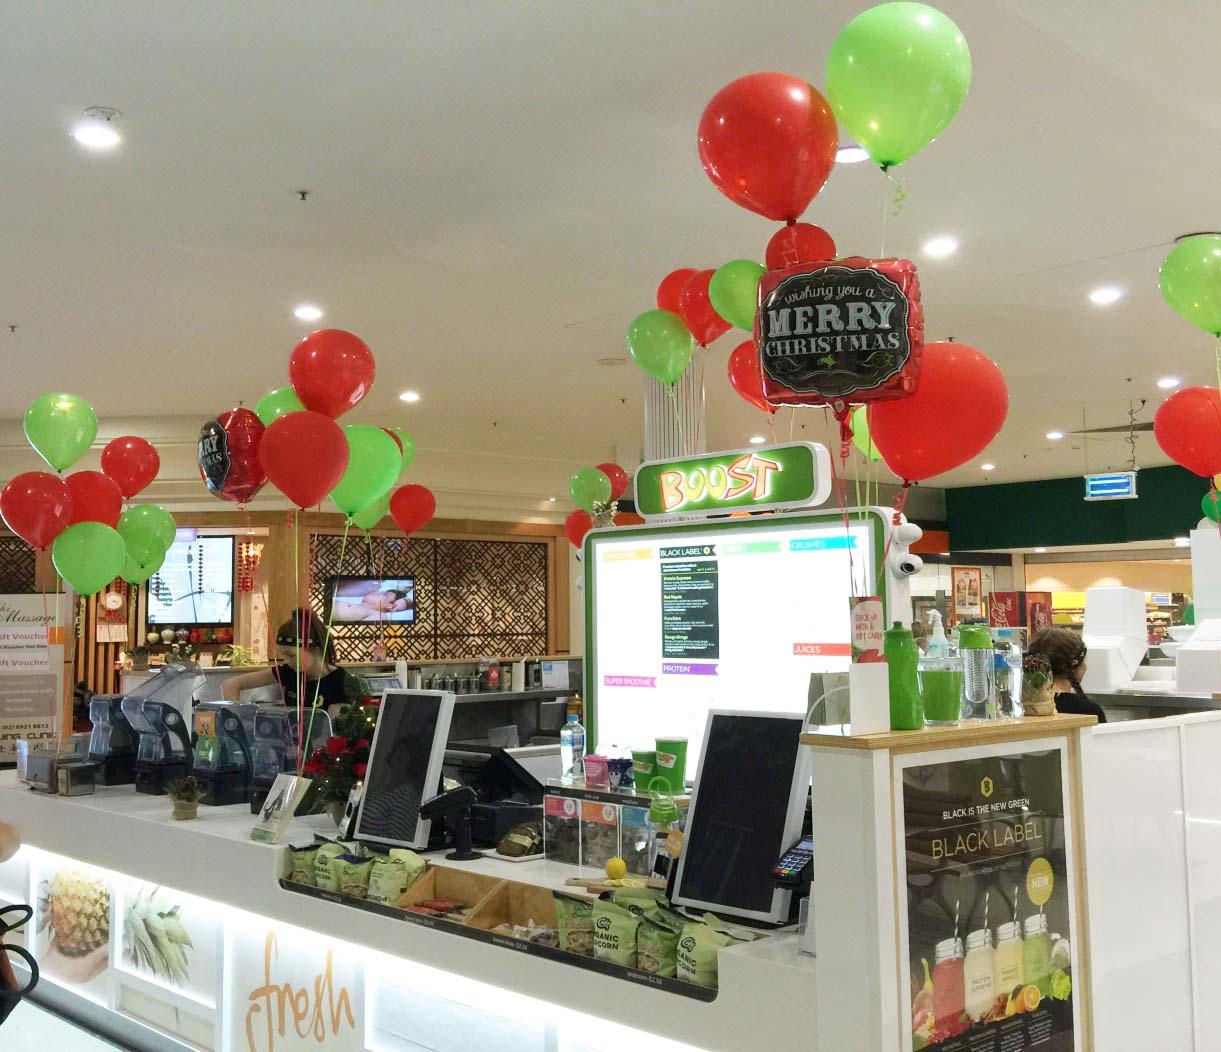 Wagga Wagga, NSW – Existing Store